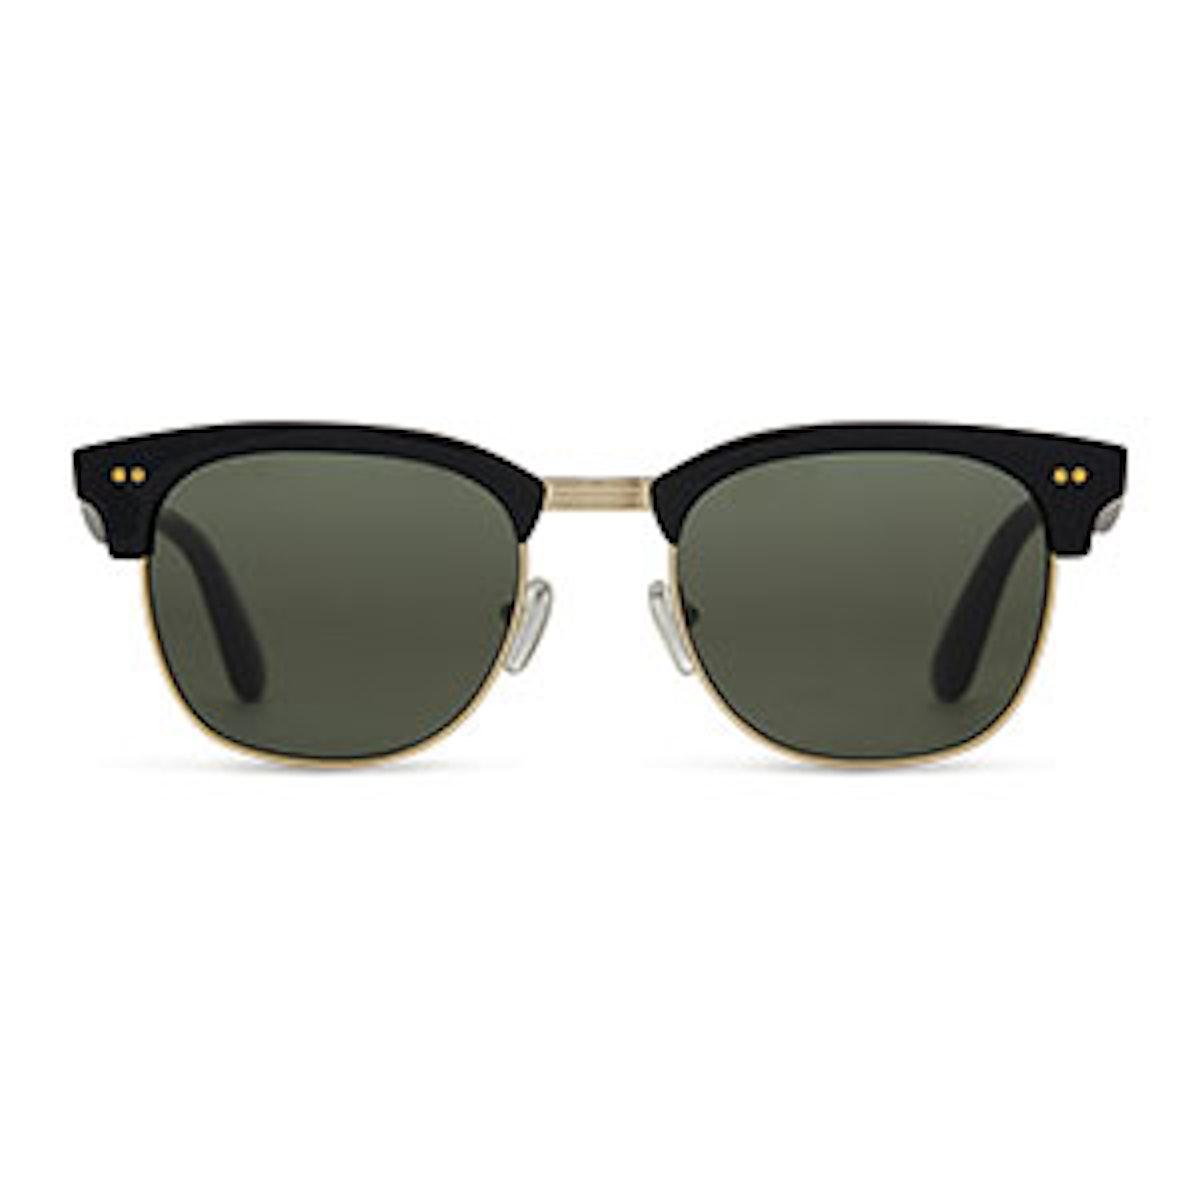 Gavin Shiny Black Polarized Sunglasses